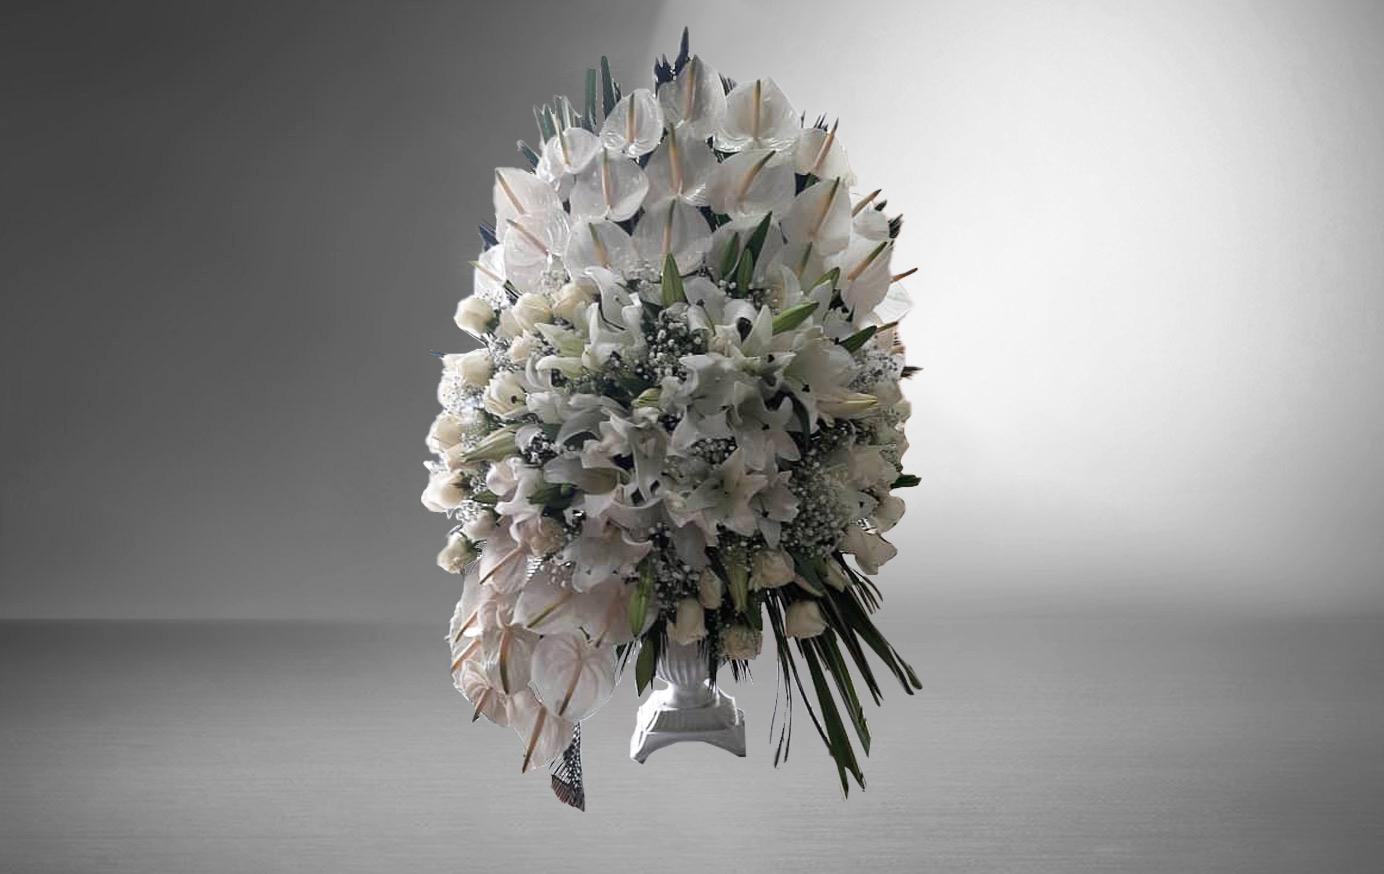 تاج گل رومیزی